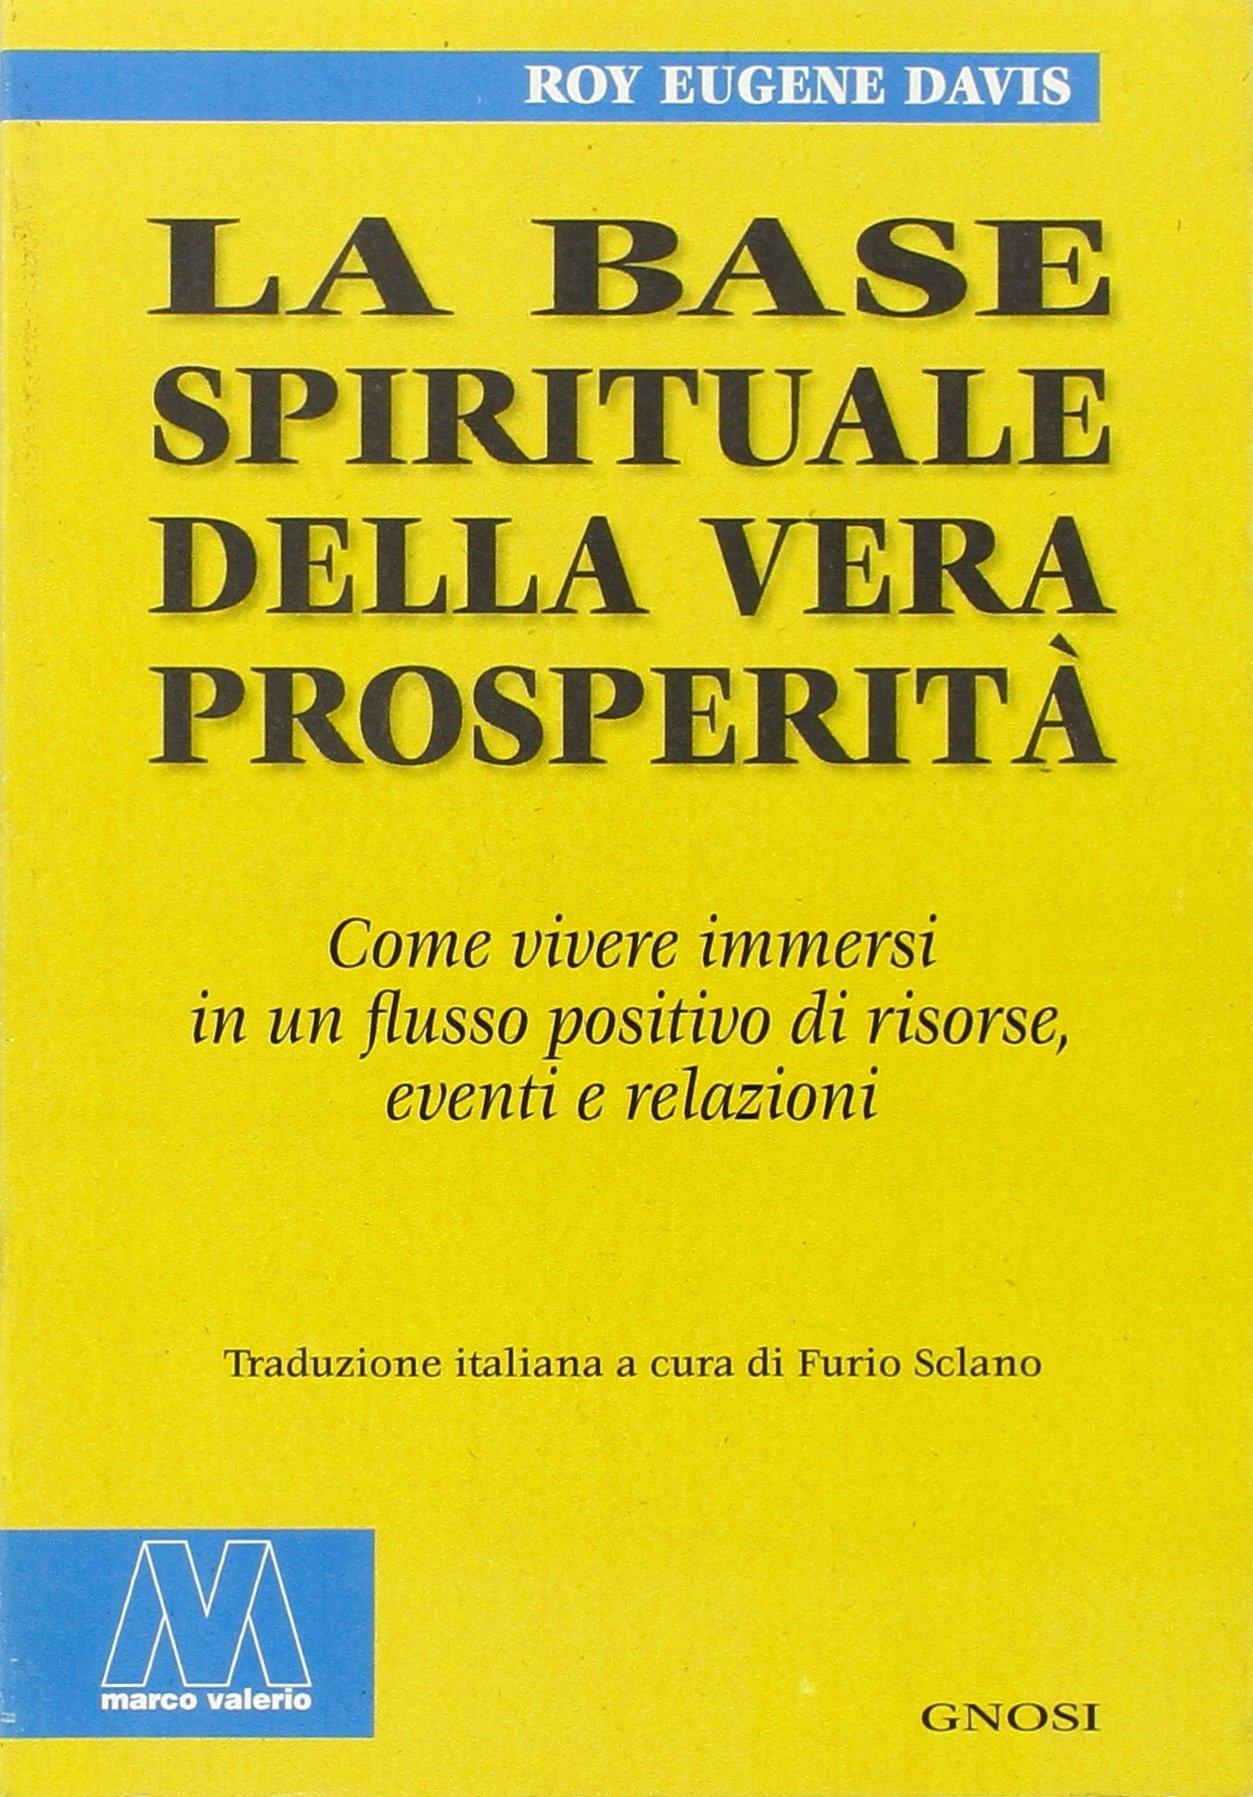 La base spirituale della vera prosperità. Come vivere immersi in un flusso positivo di risorse, eventi e relazioni.